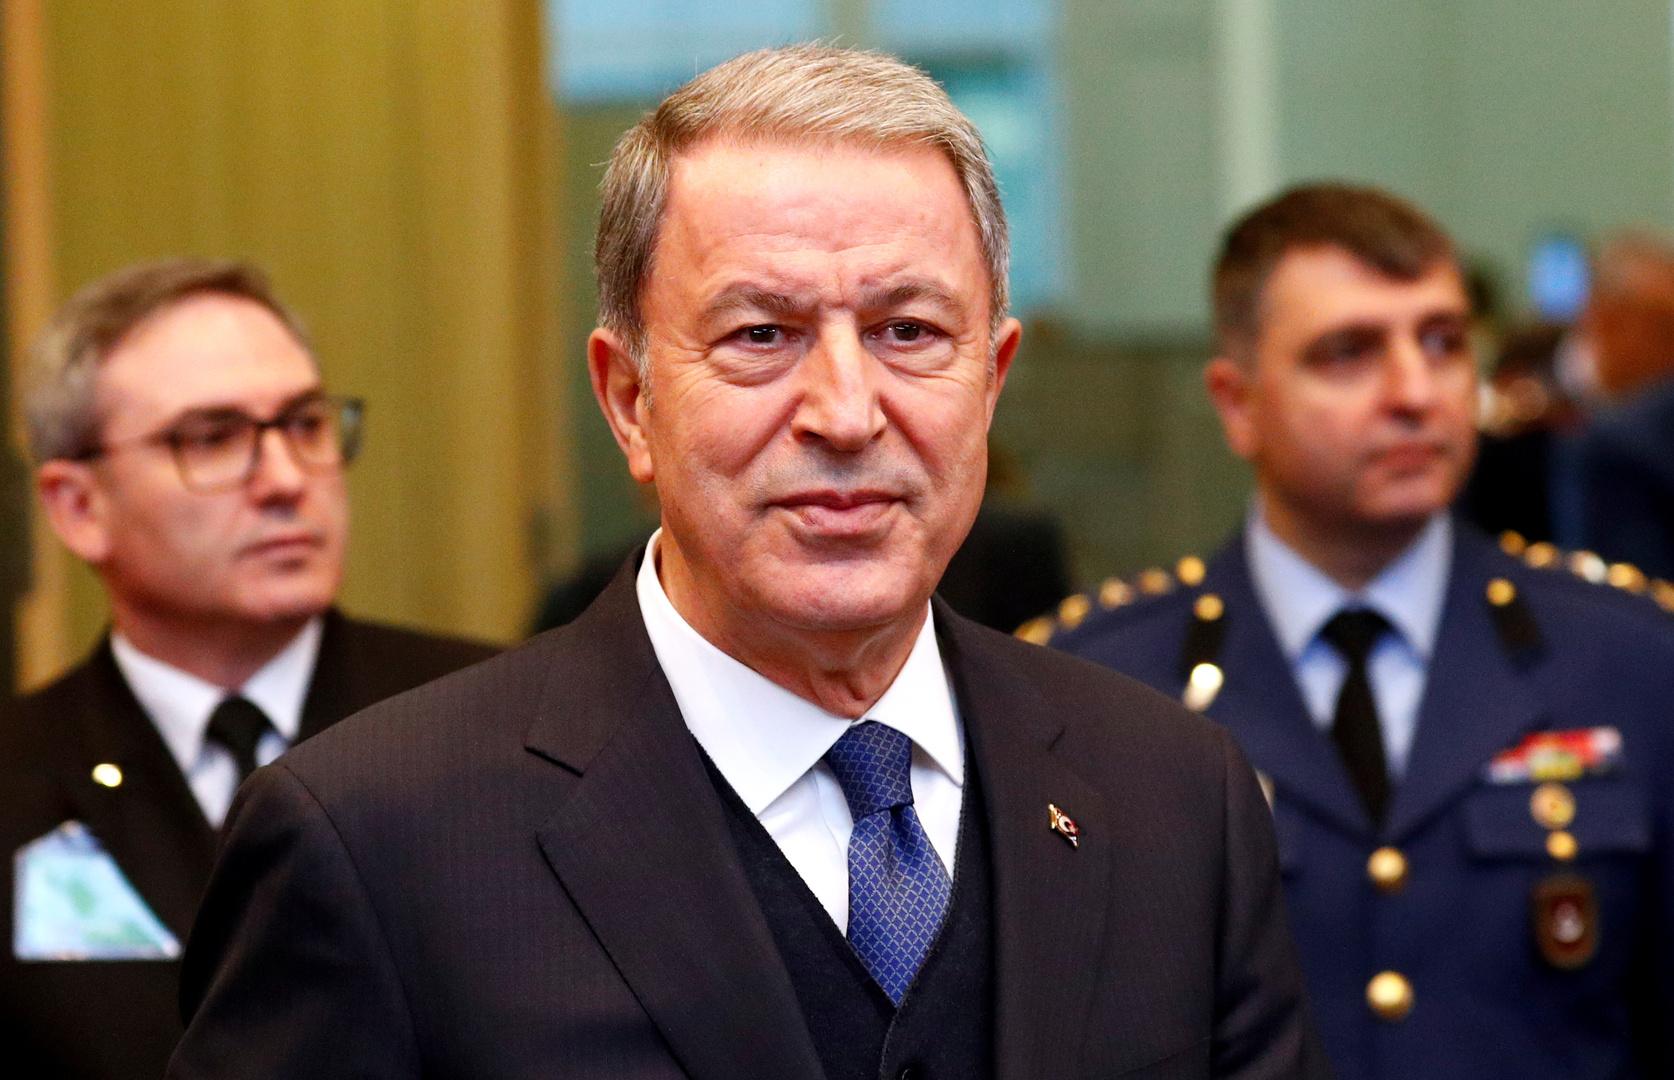 أنقرة: رغم بعض الخلافات مع واشنطن لدينا تقليد عريق من التعاون